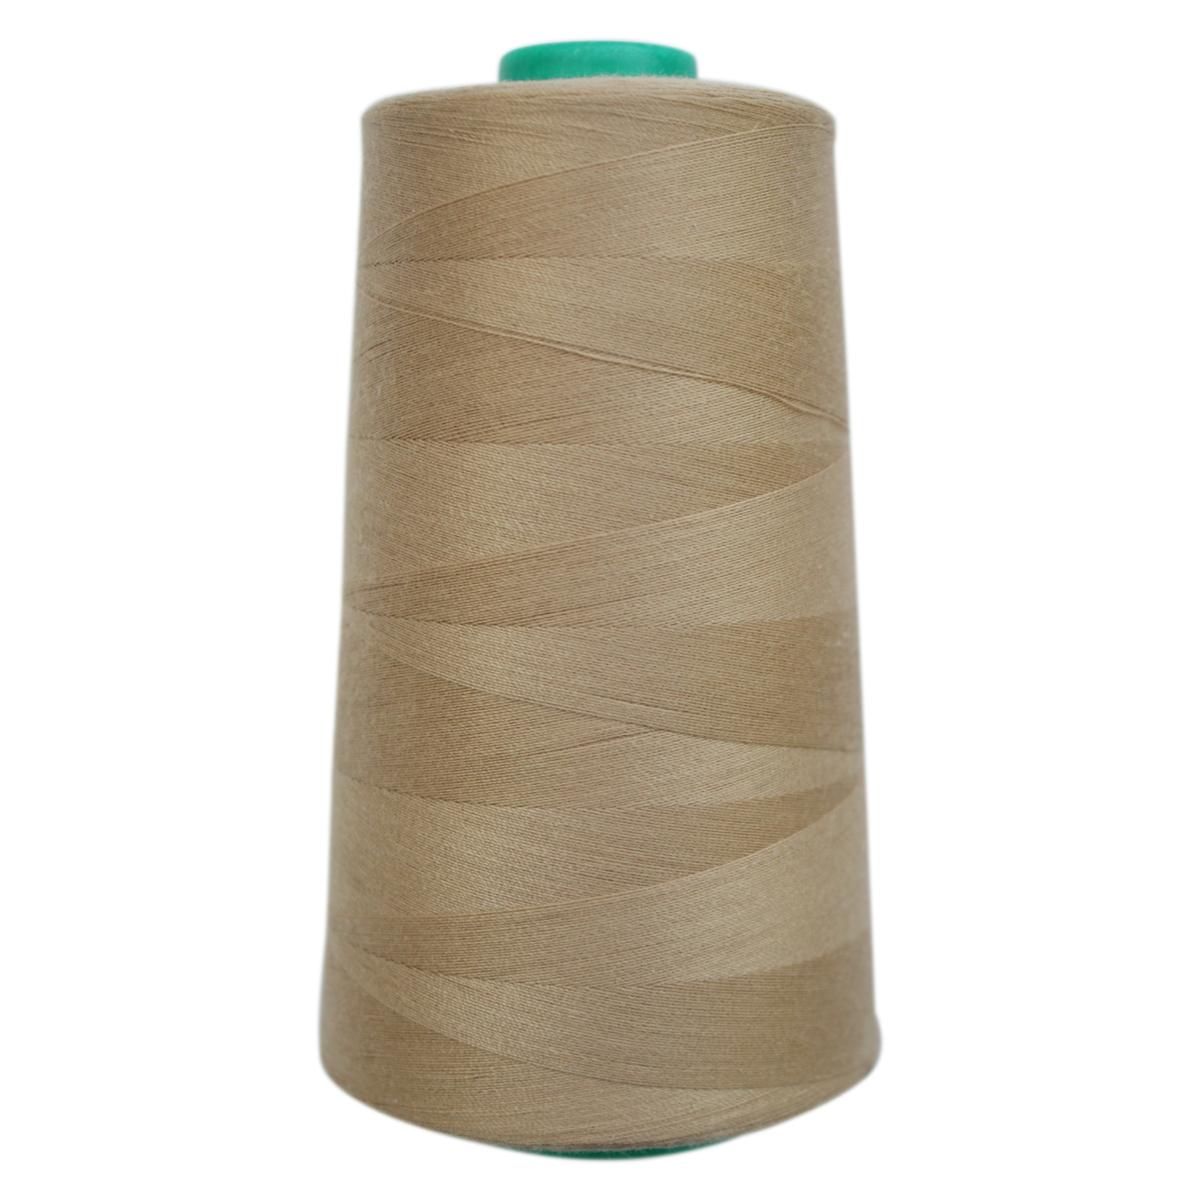 Нитки для шитья Bestex 50/2, 5000 ярд, цвет: св.бежевый (226)7700936-226Сфера использования: трикотаж; ткани малого веса; оверлочные швы; отделка краев; вышивка. Размер игл №70-80